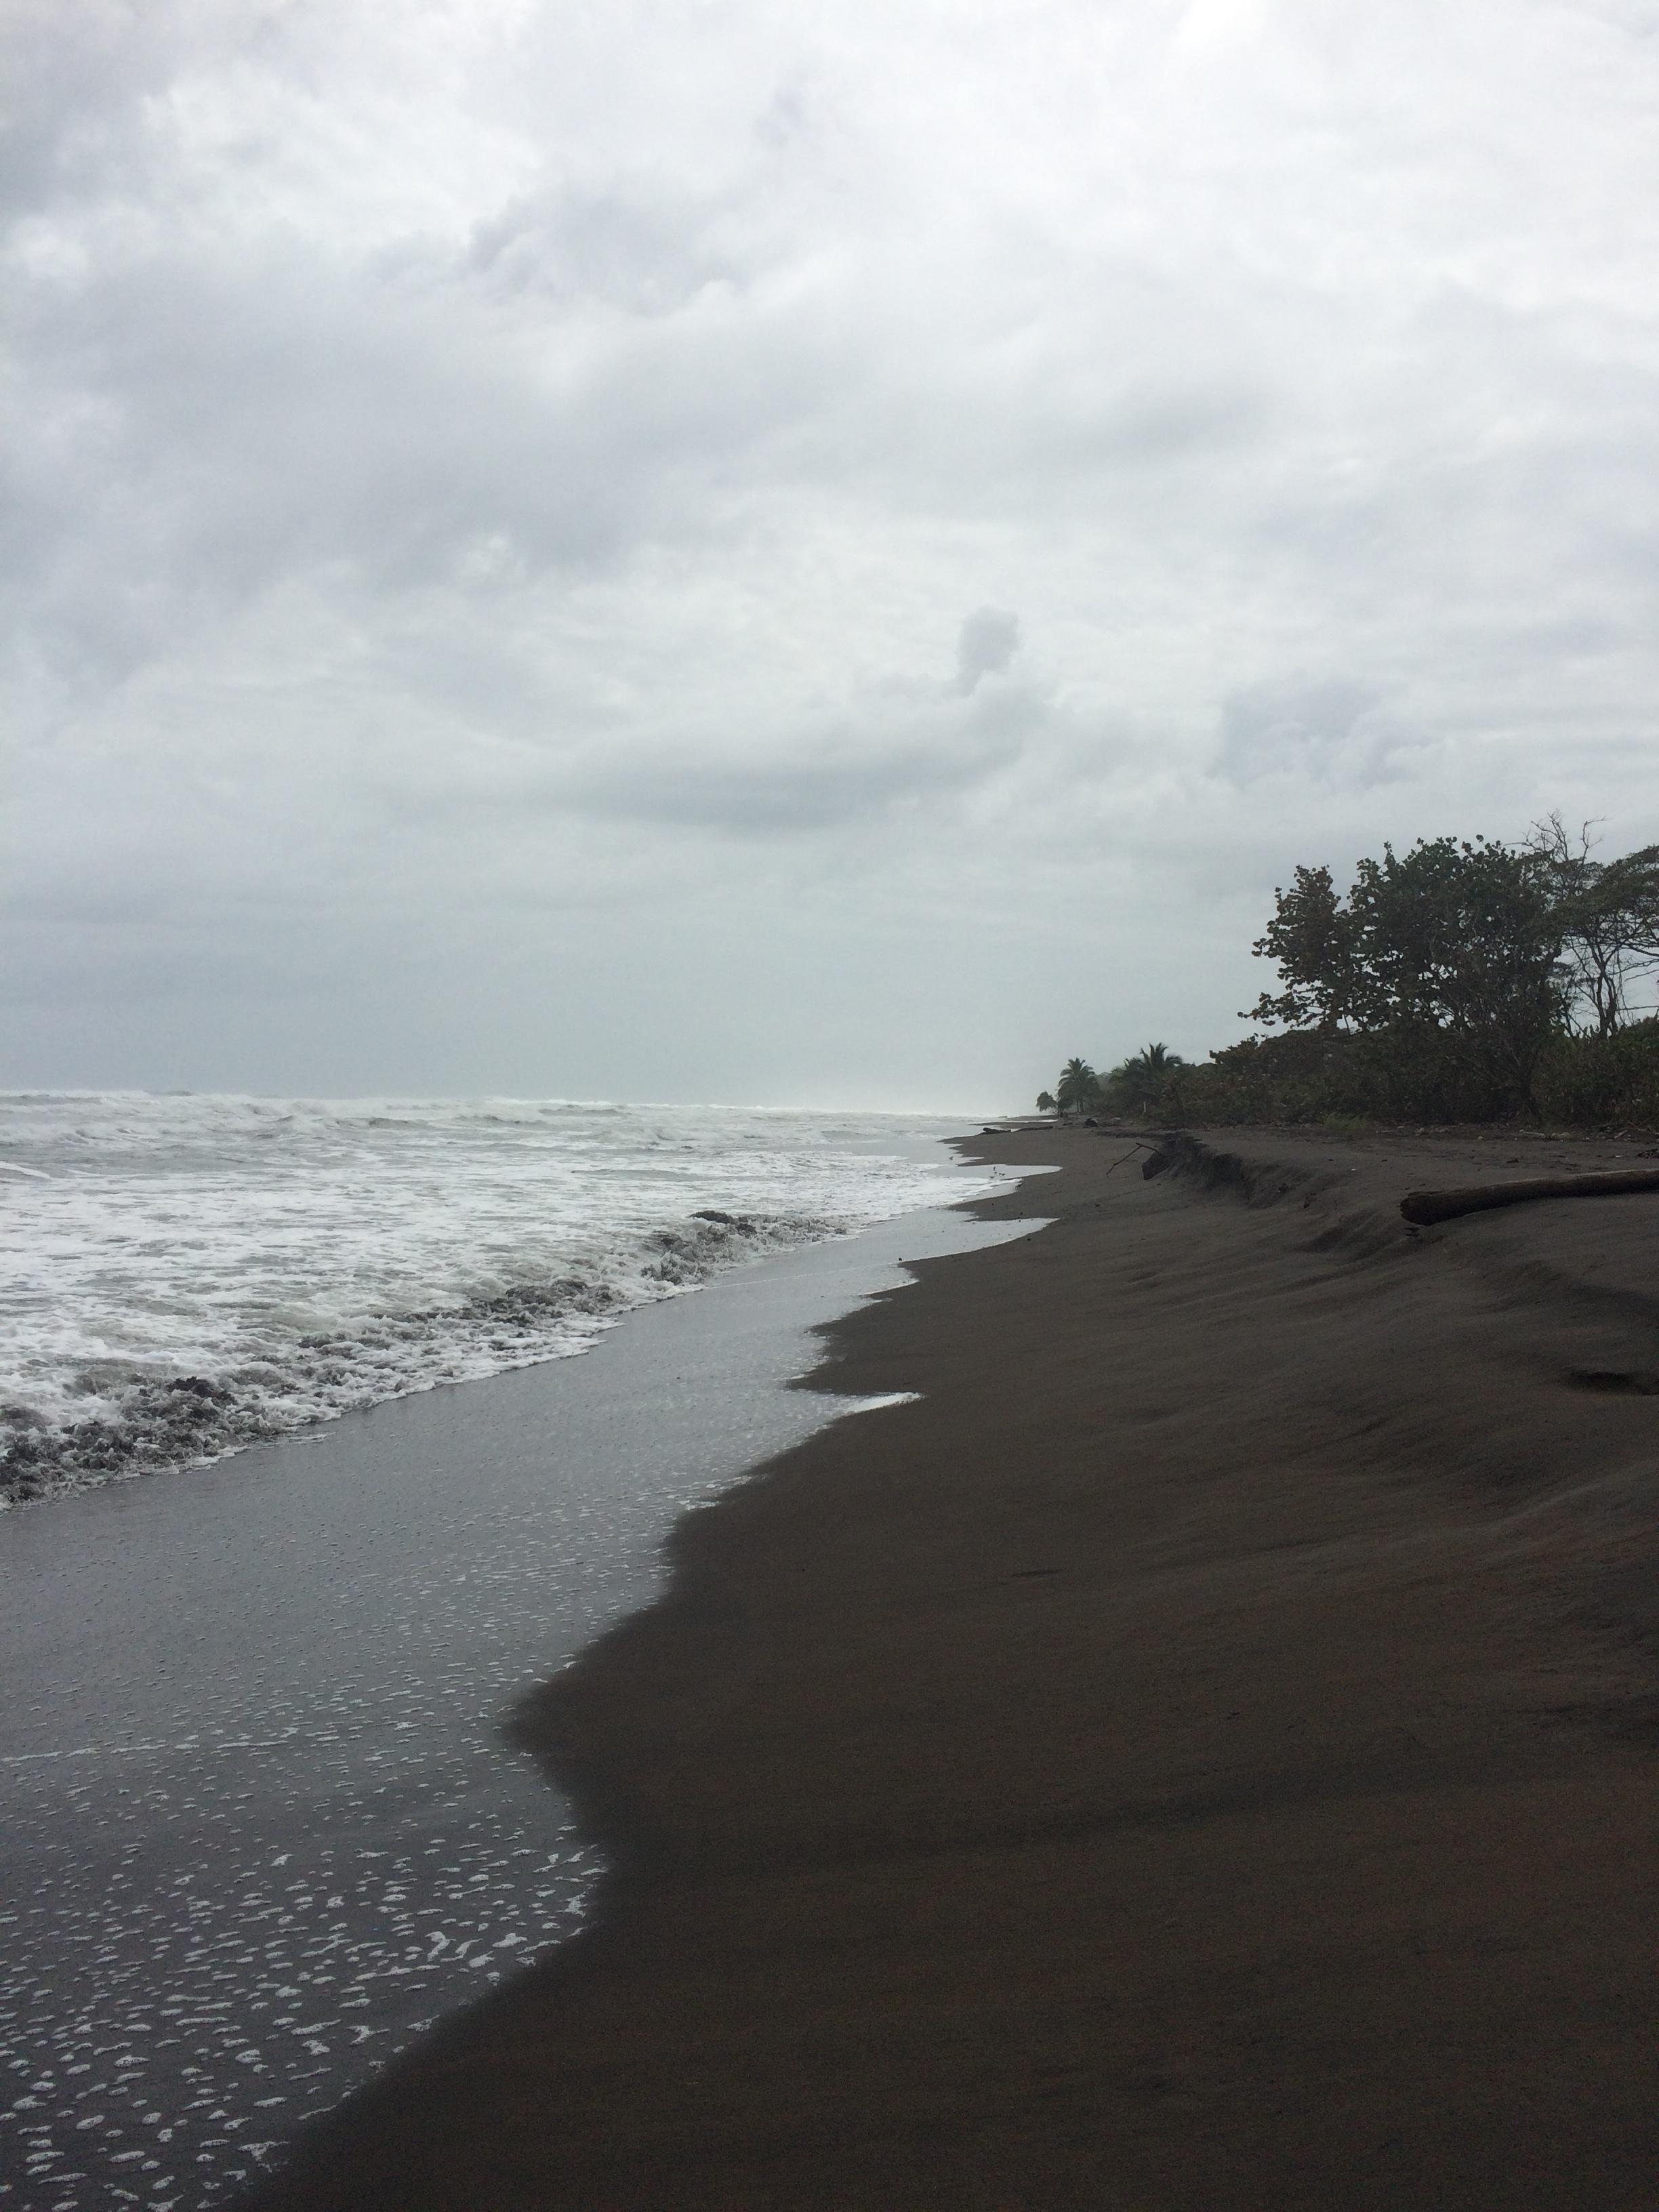 The beach along the Caribbean Sea